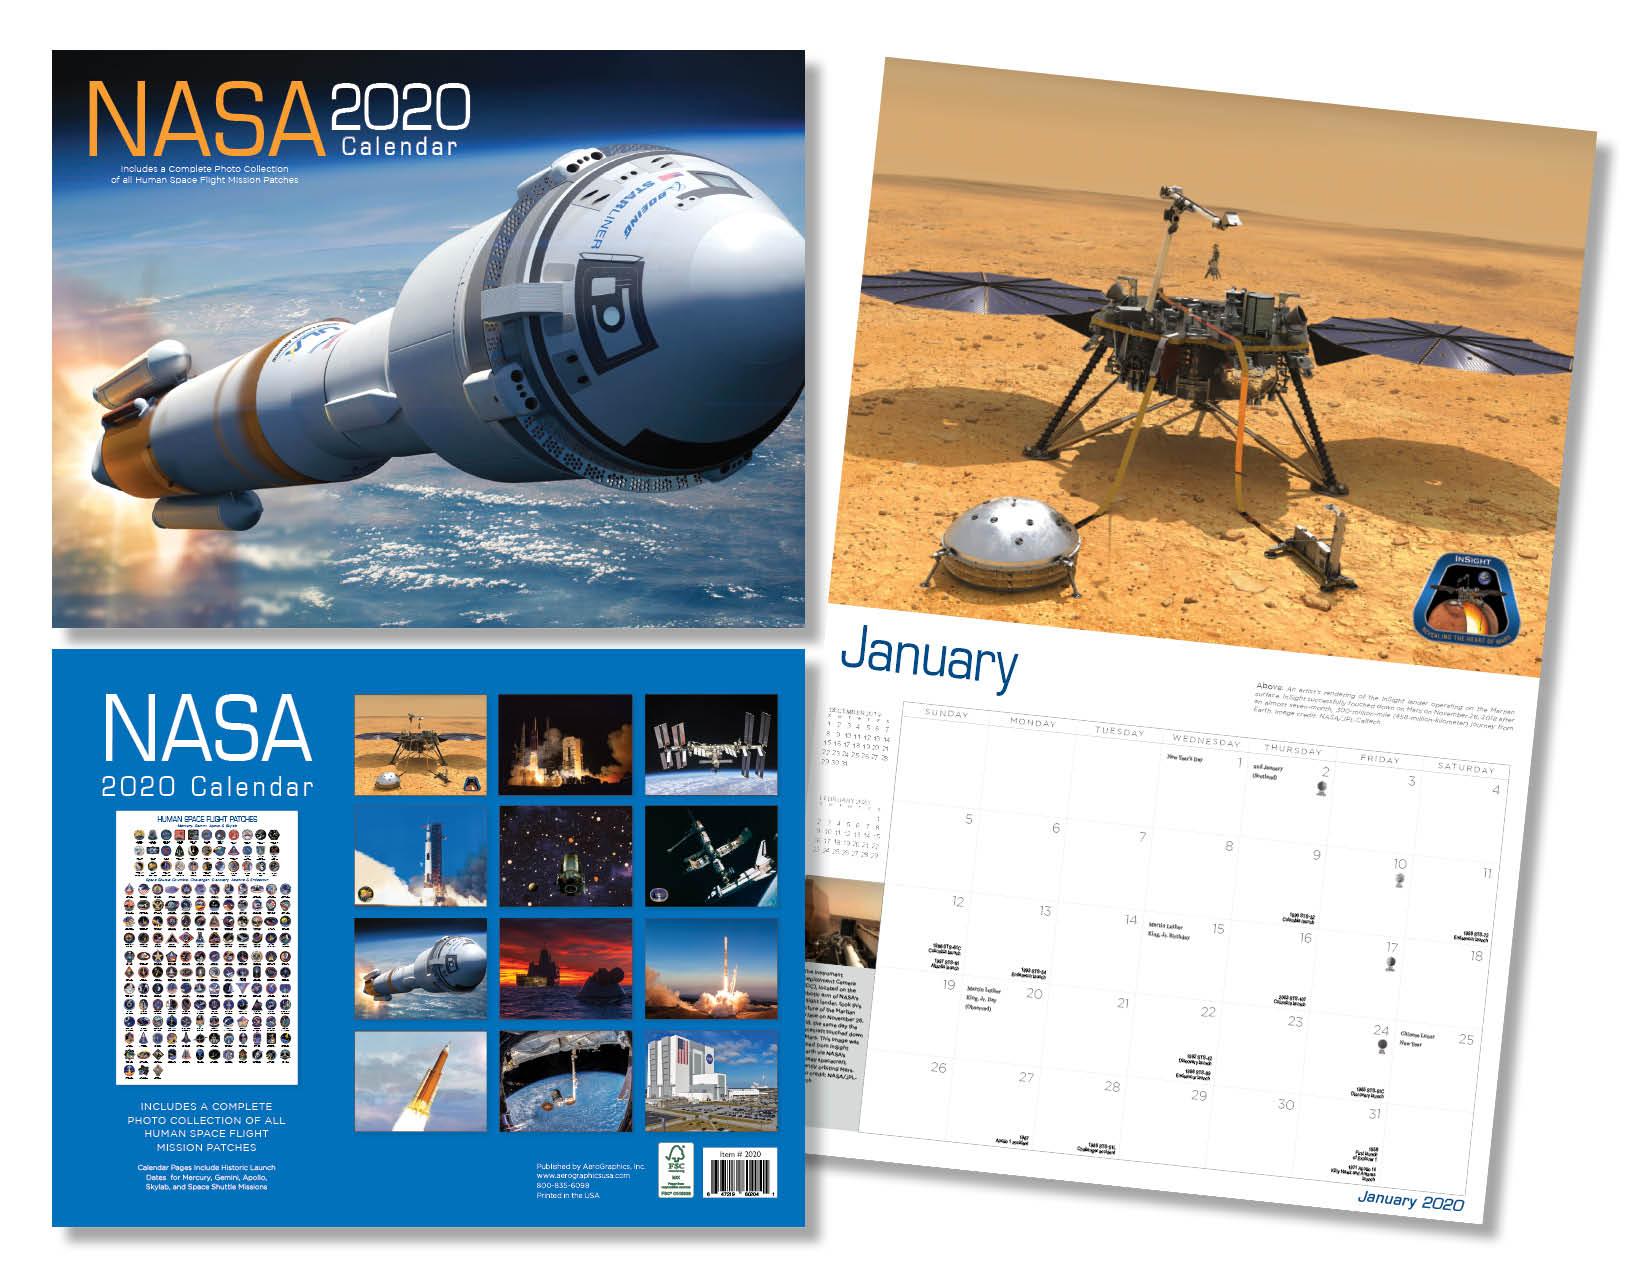 2020 NASA Calendar